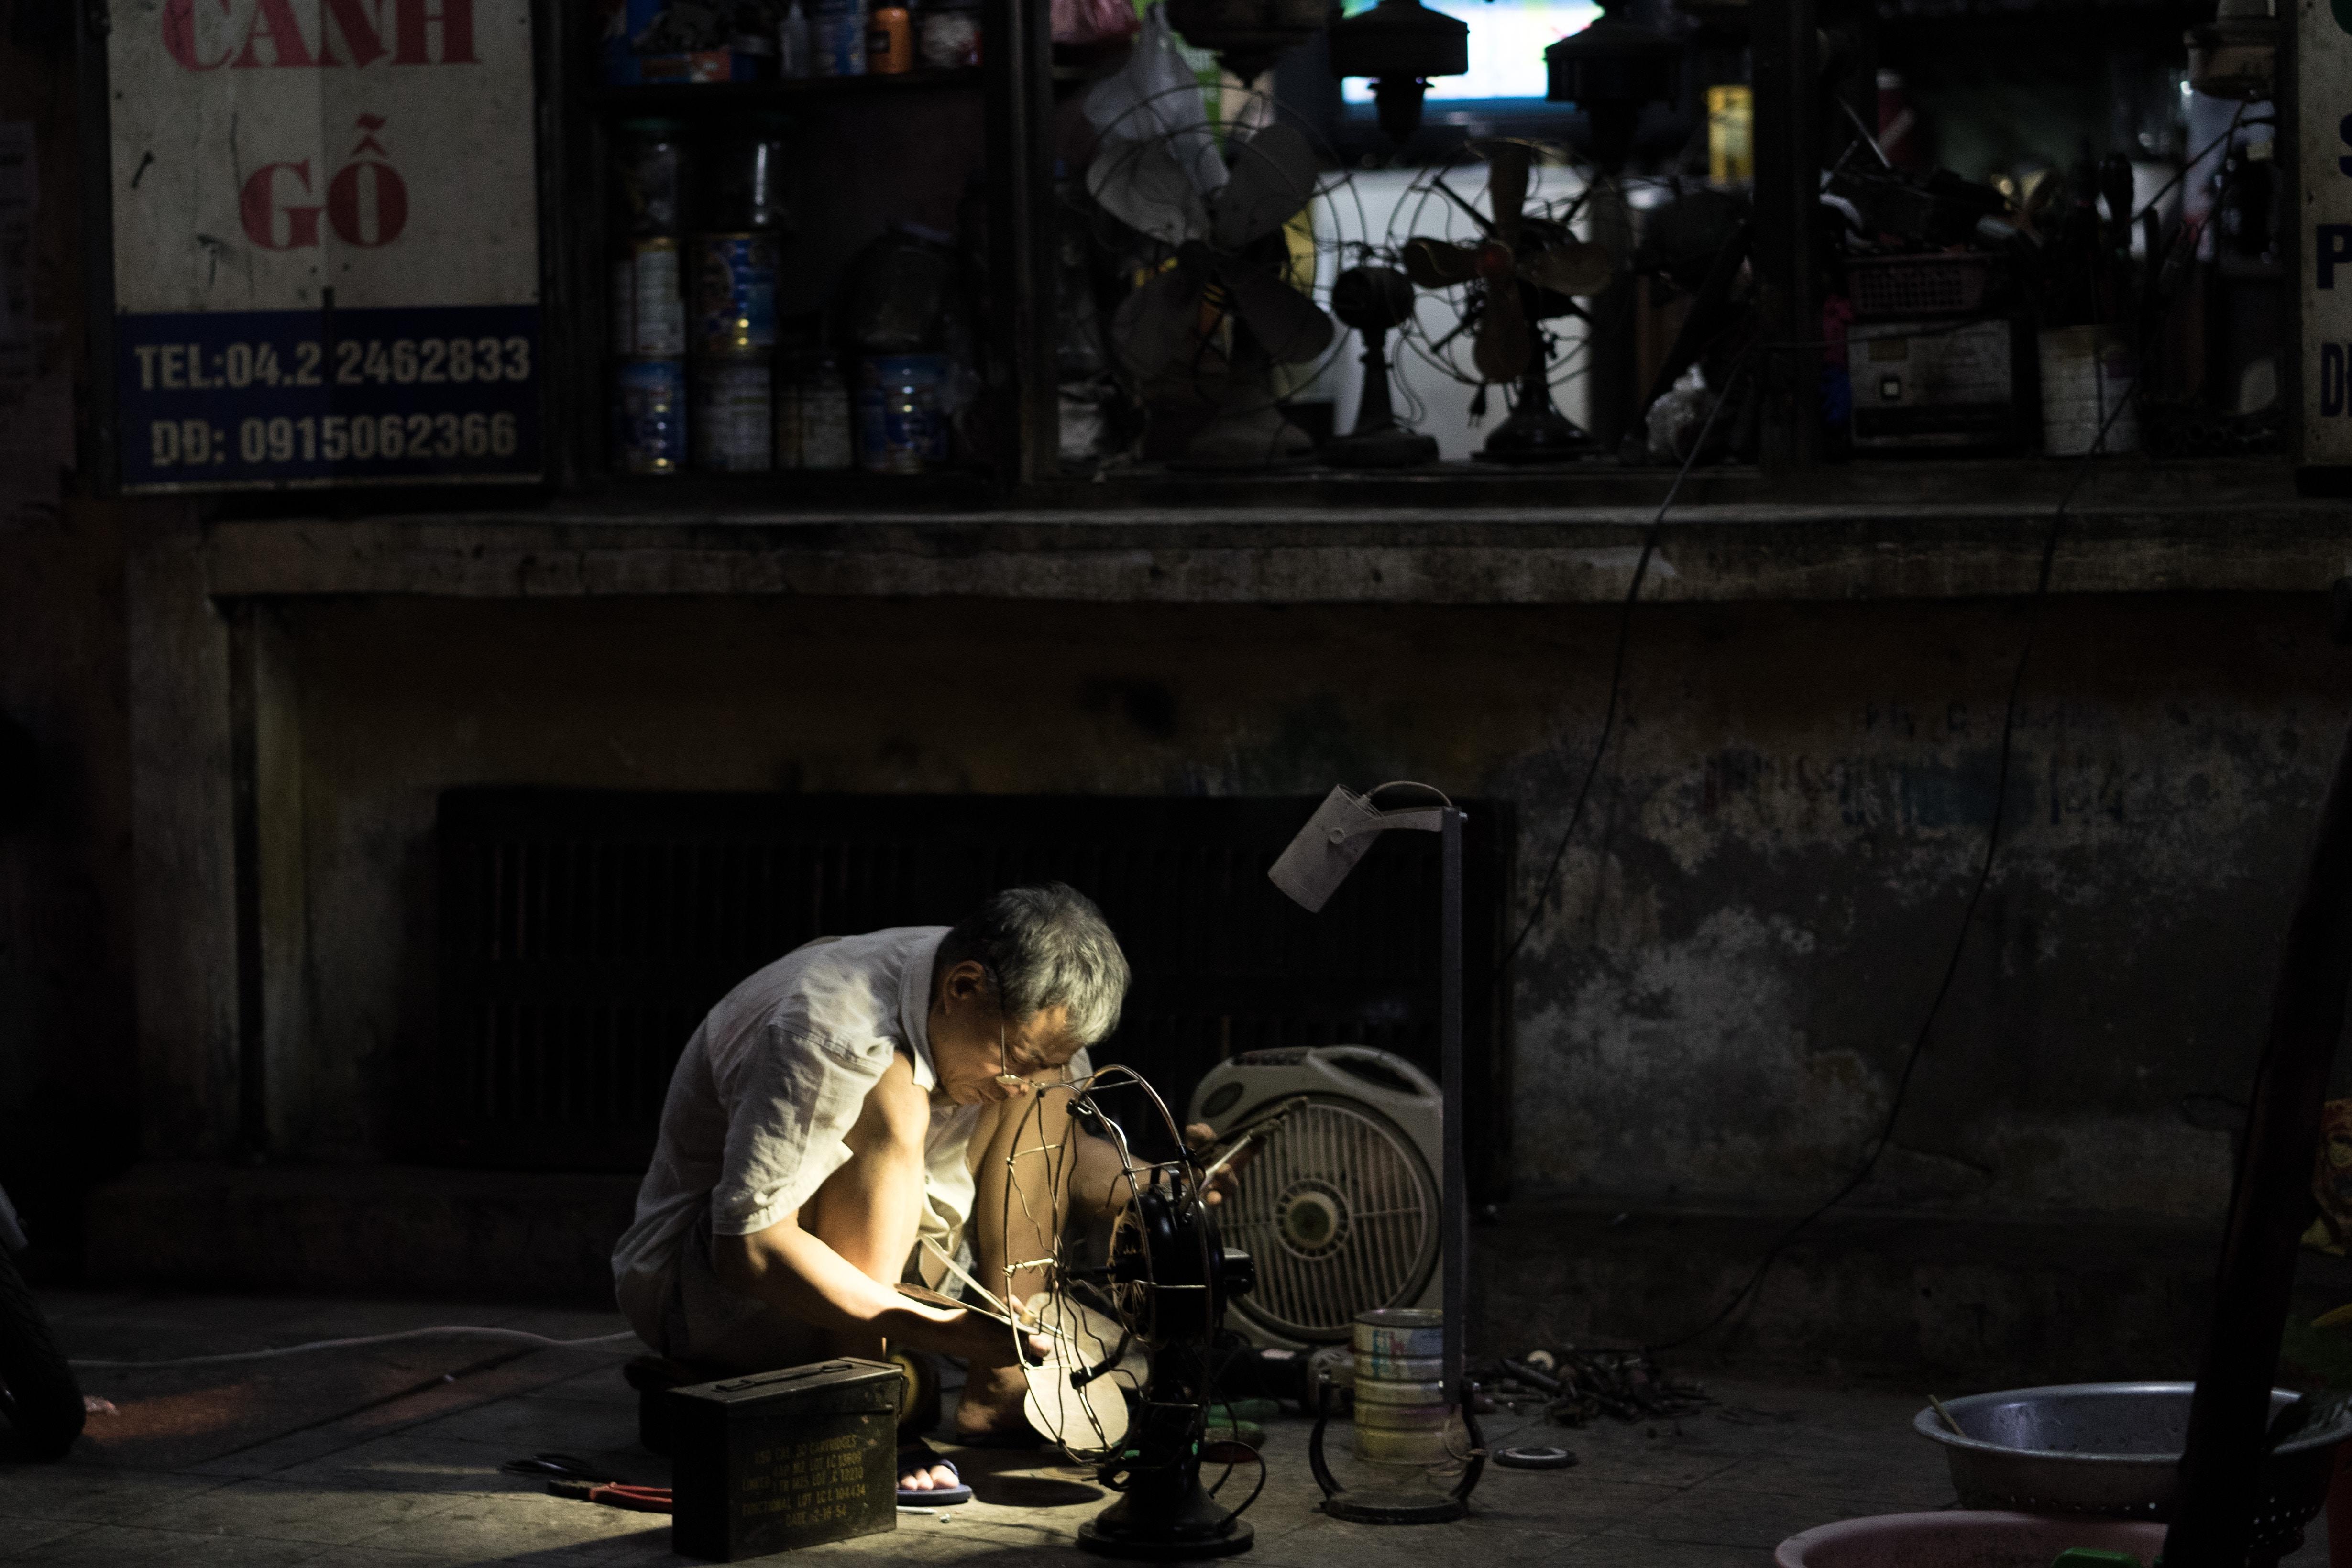 man in gray dress shirt beside black desk fan